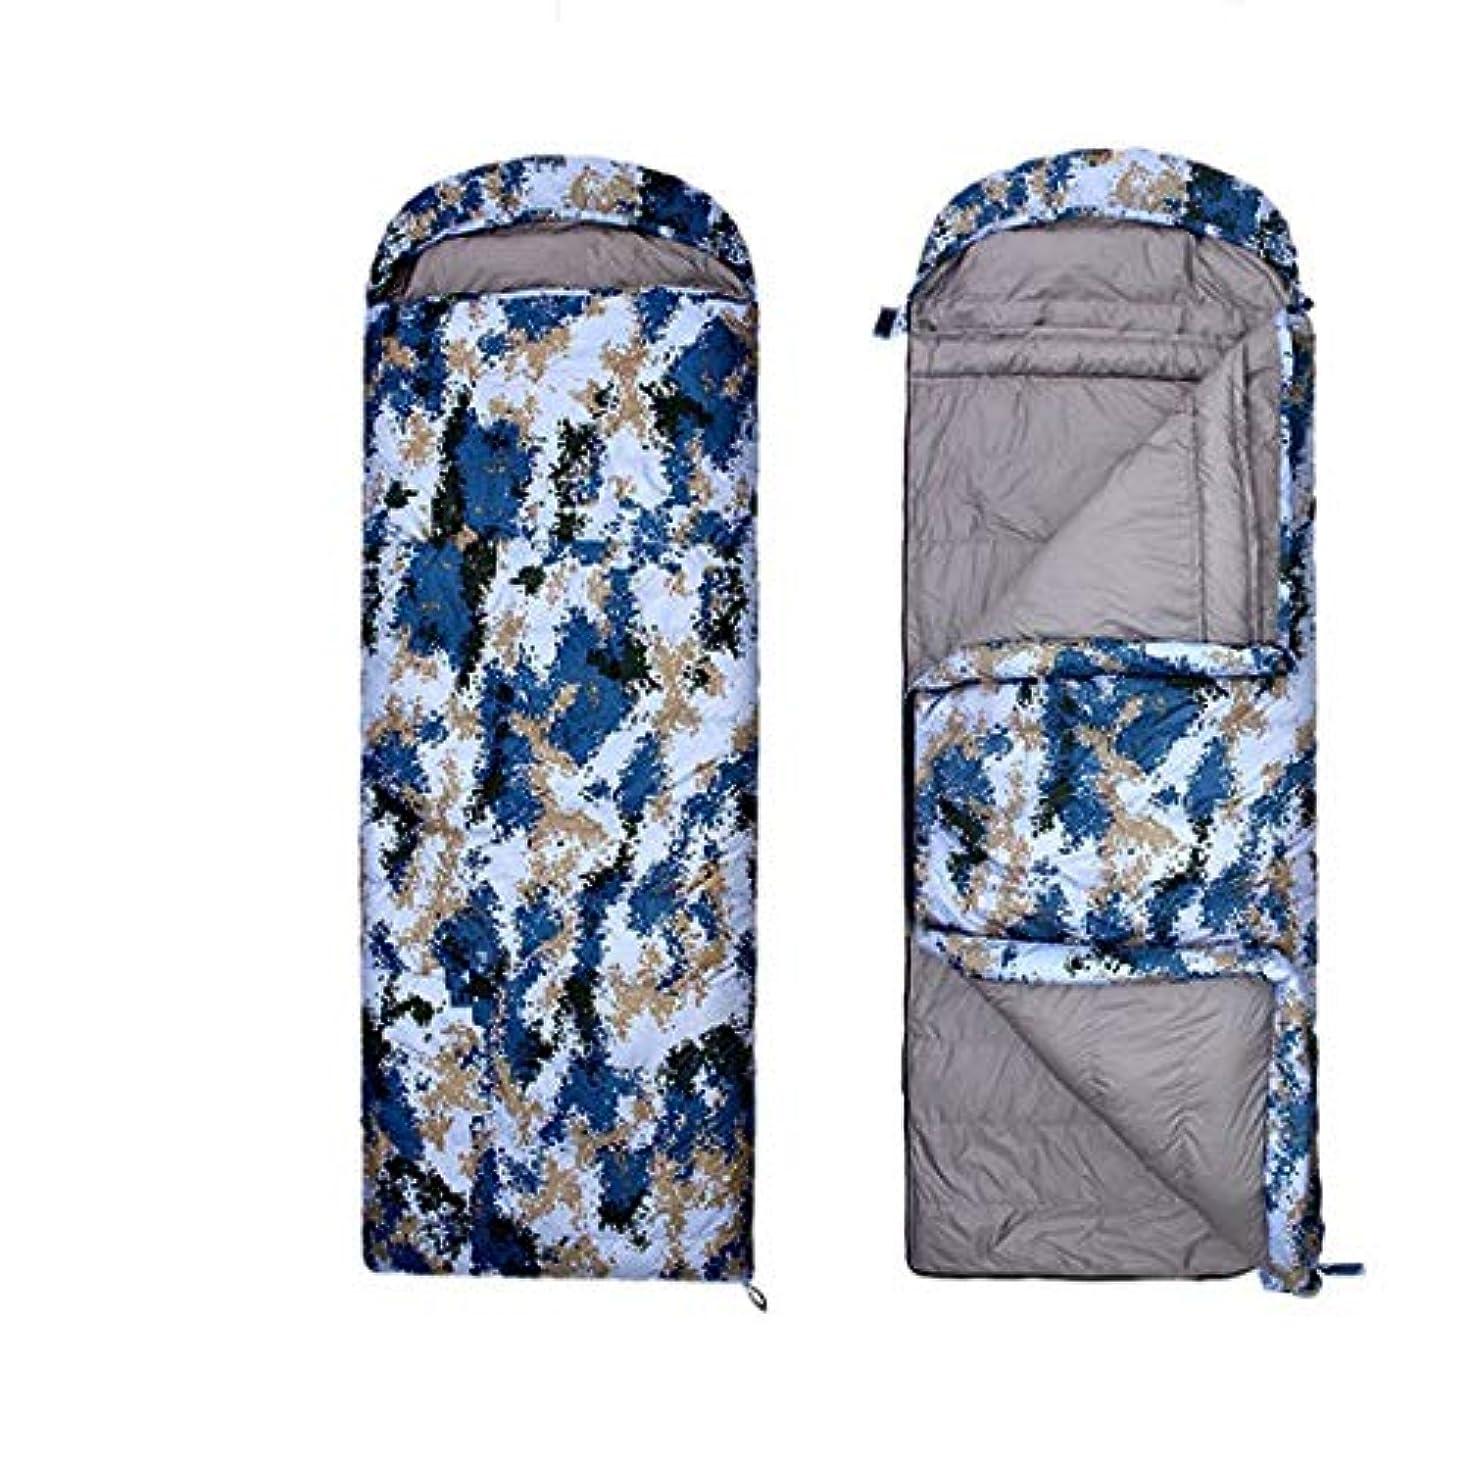 イライラするブローホール継続中BALLEEY 独身者用キャンプスリーピングバッグ3シーズン暖かく 理想的なキャンプ用品、ハイキング、そして迷彩/軽量アウトドア用多機能で便利な寝袋用のバックパッキング